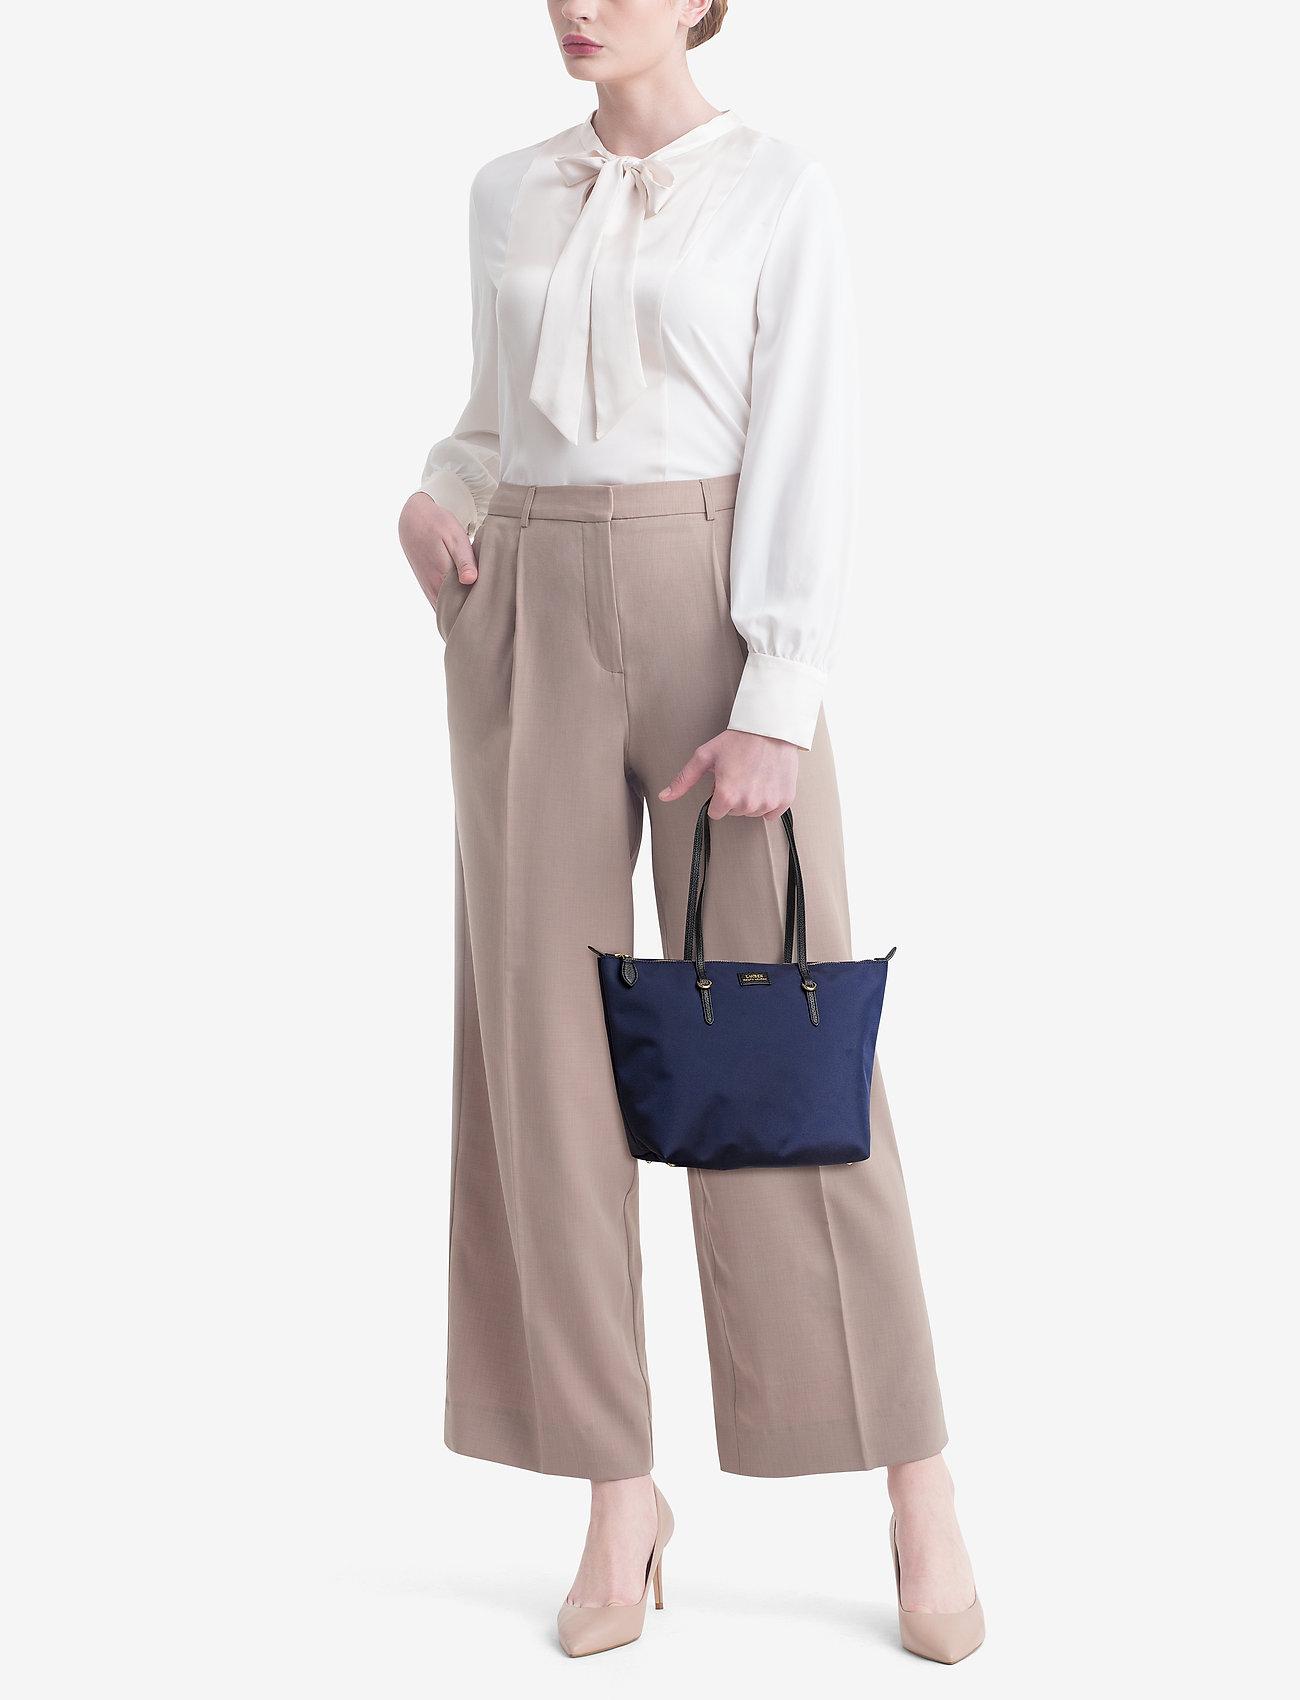 Lauren Ralph Lauren Nylon Shopper Tote - NAVY